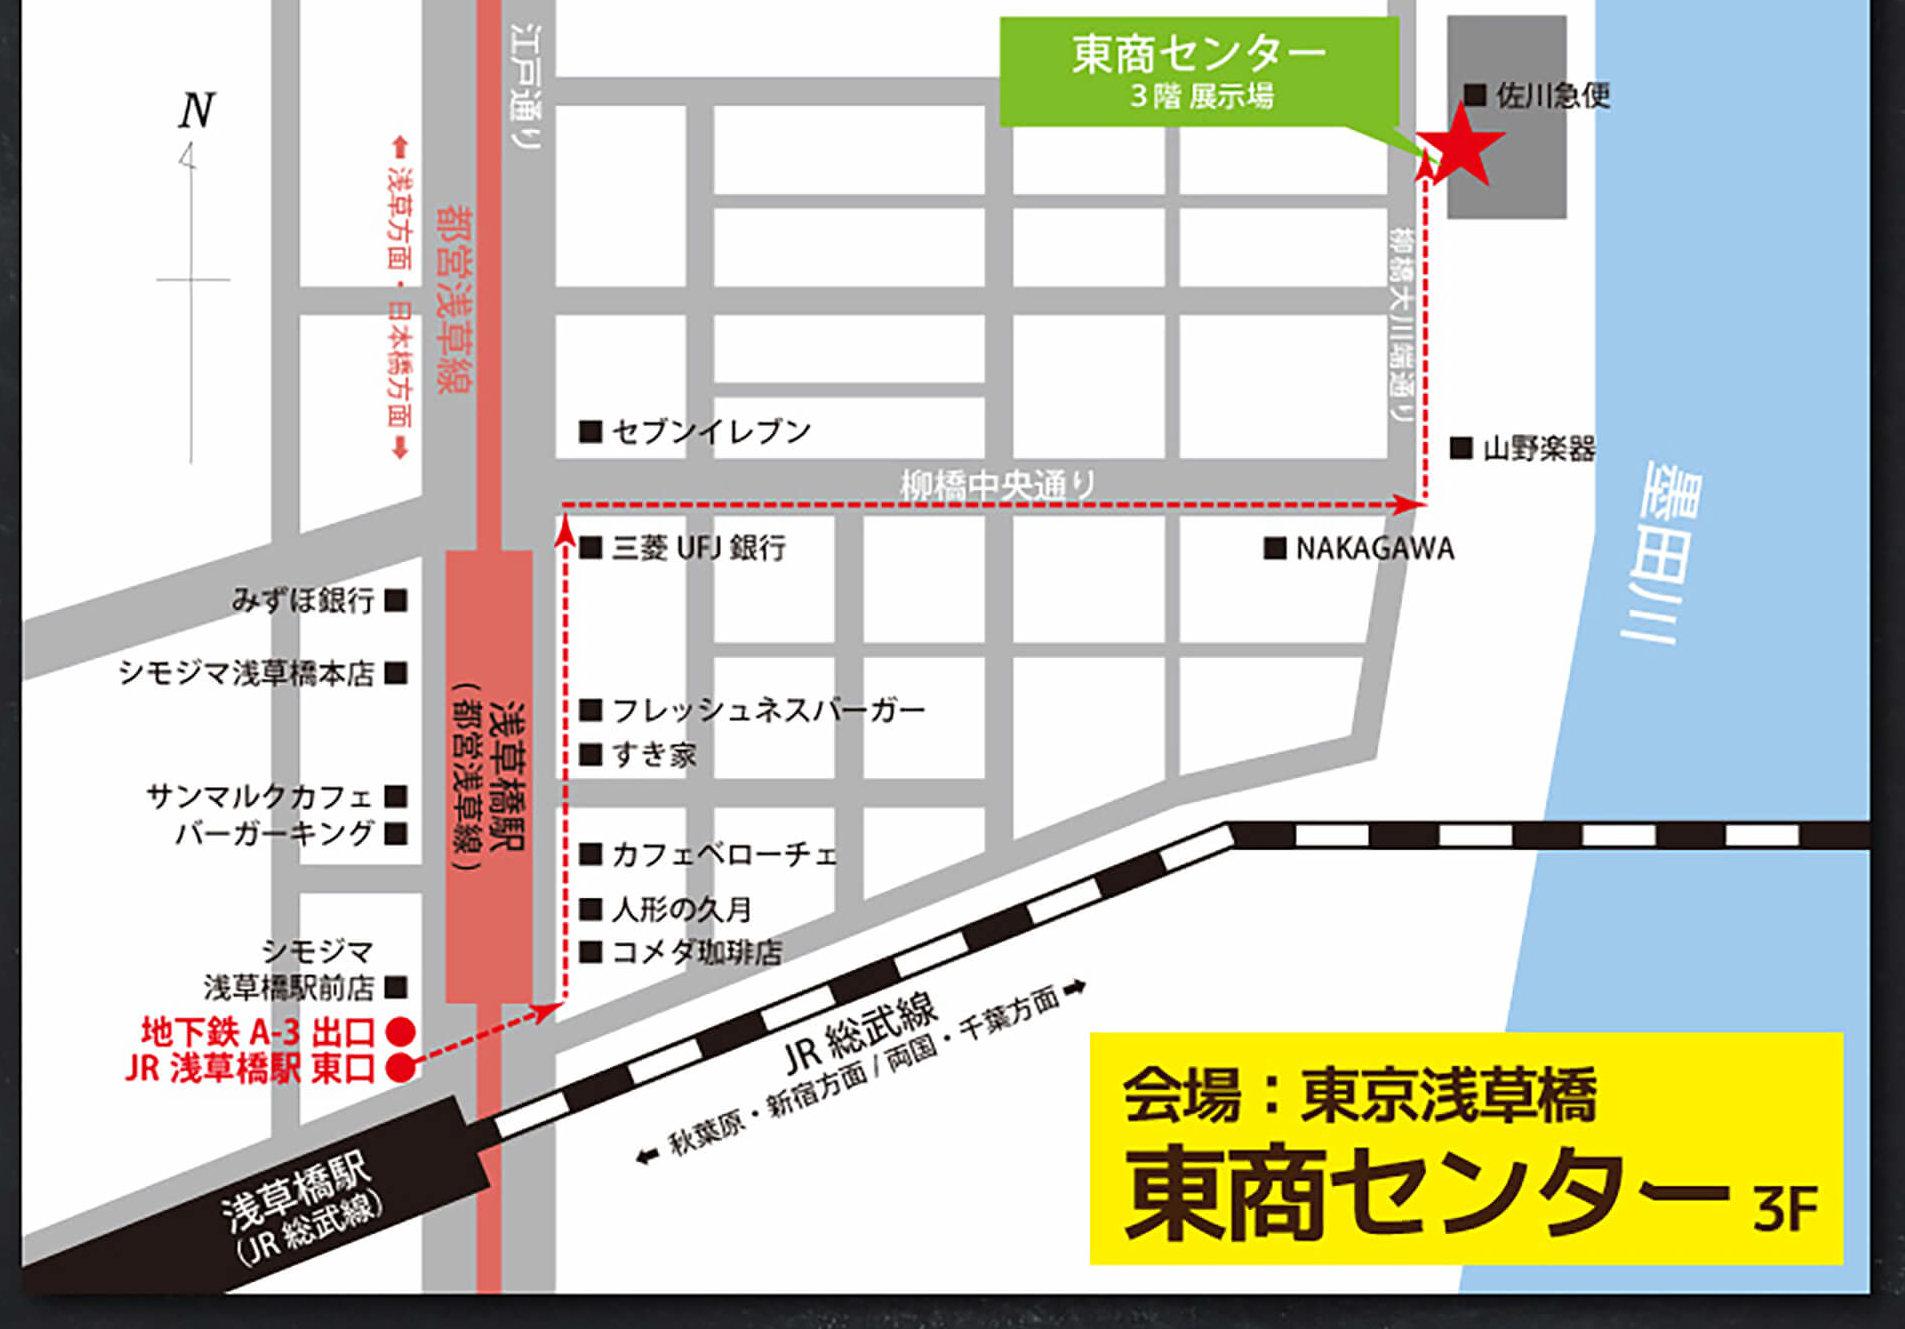 アートクラフトフェスタ・会場マップ